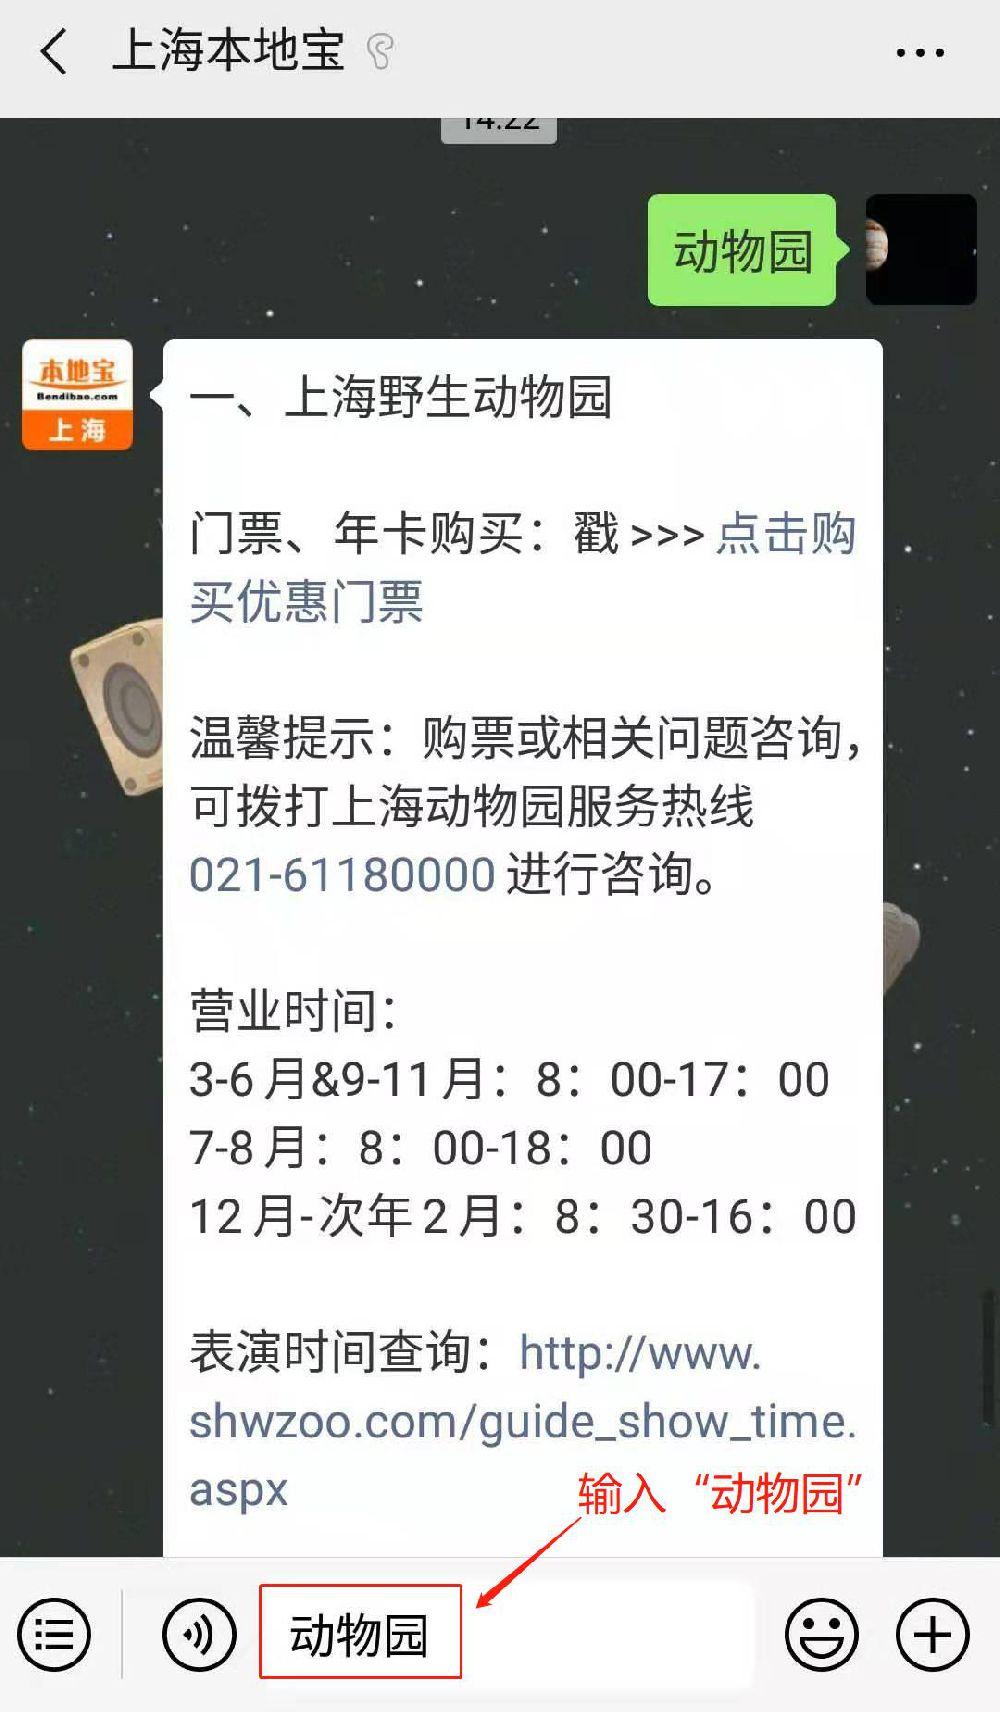 2019年上海野生动物园年卡详情(价格+购买方式)